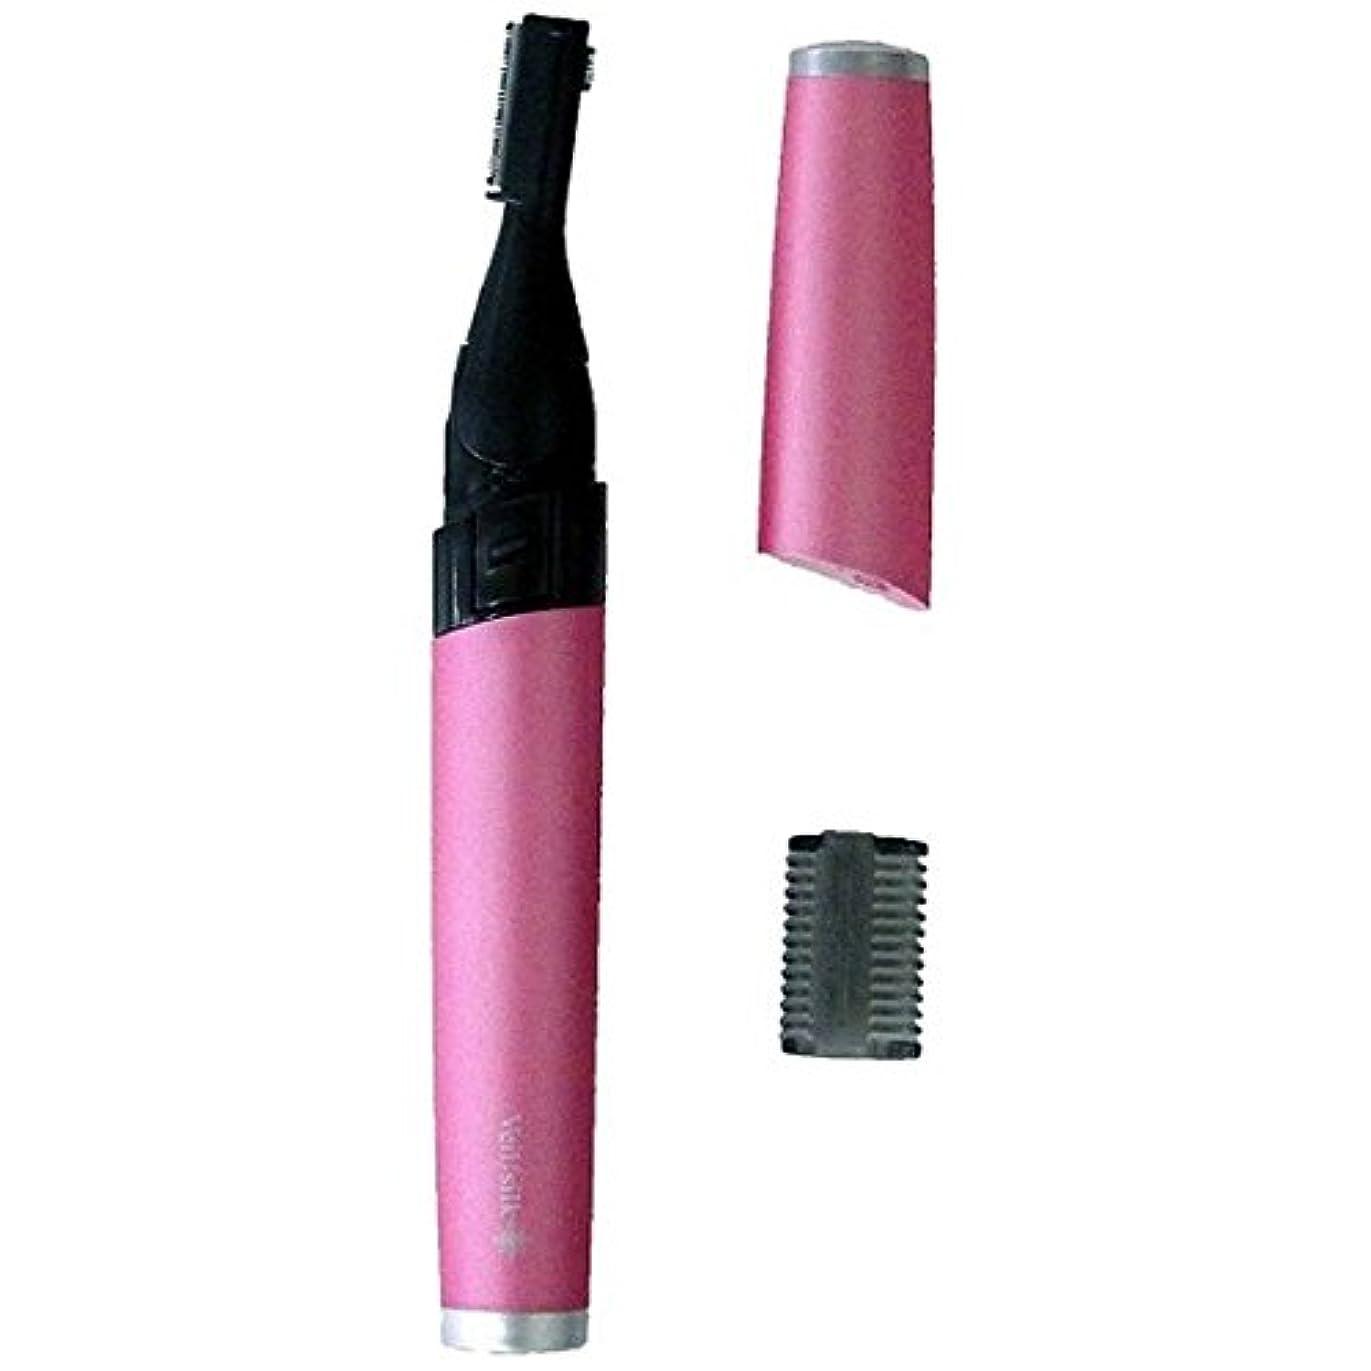 放射能壁津波イズミ フェイスシェーバー (ピンク)IZUMI Veil:silk(ヴェルシルク) GR-AF127-P